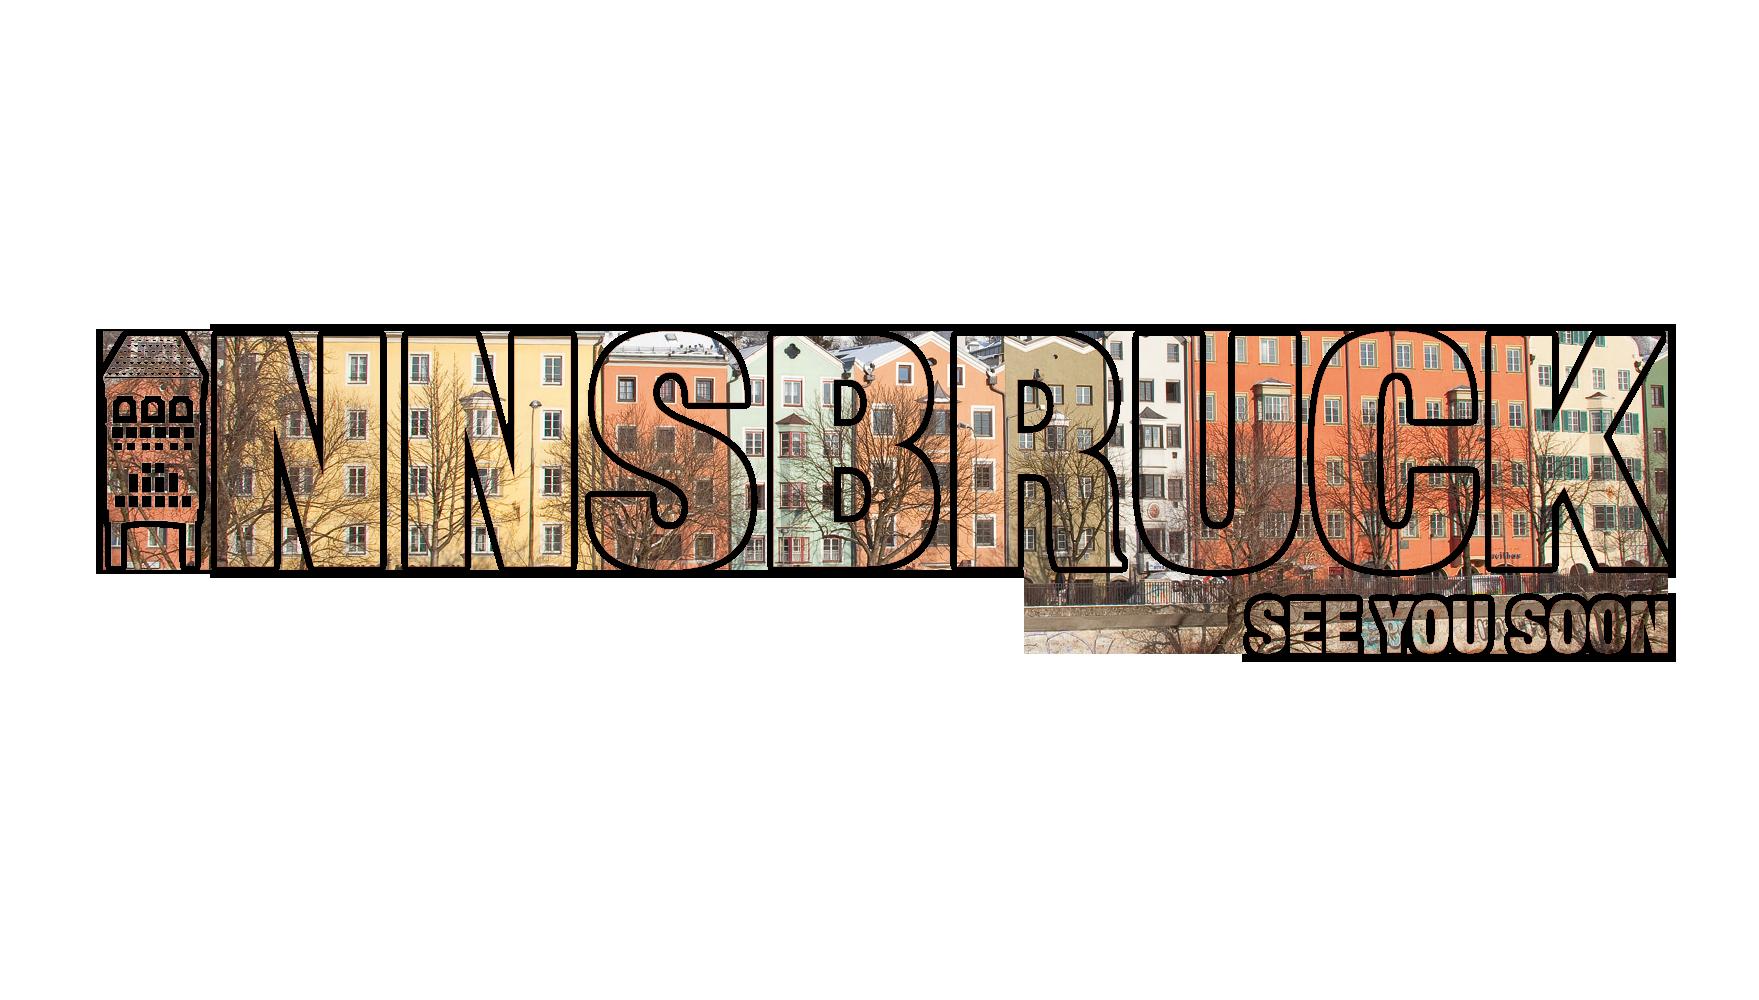 Ihre regionale Werbeagentur aus Innsbruck